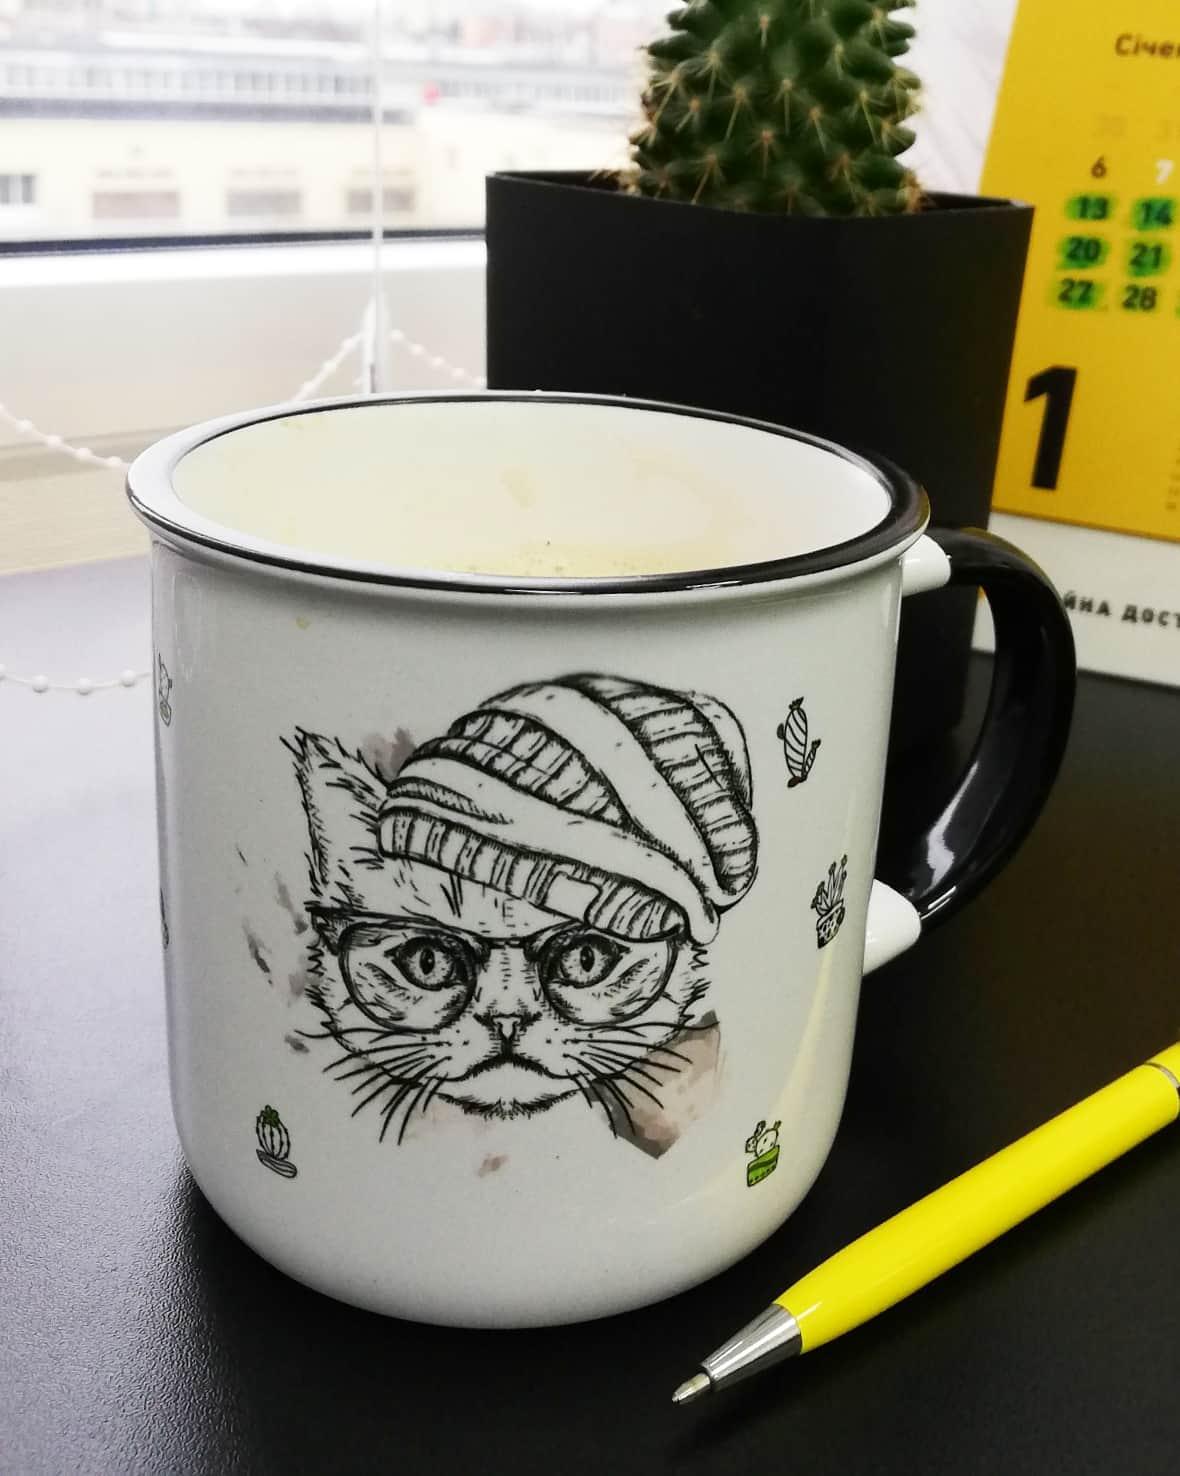 Печать на чашке. Кот в очках. Чашка и кот в шапке. Чашка с котом. Чашка с кактусами. Печать кота. Кіт на кружці.